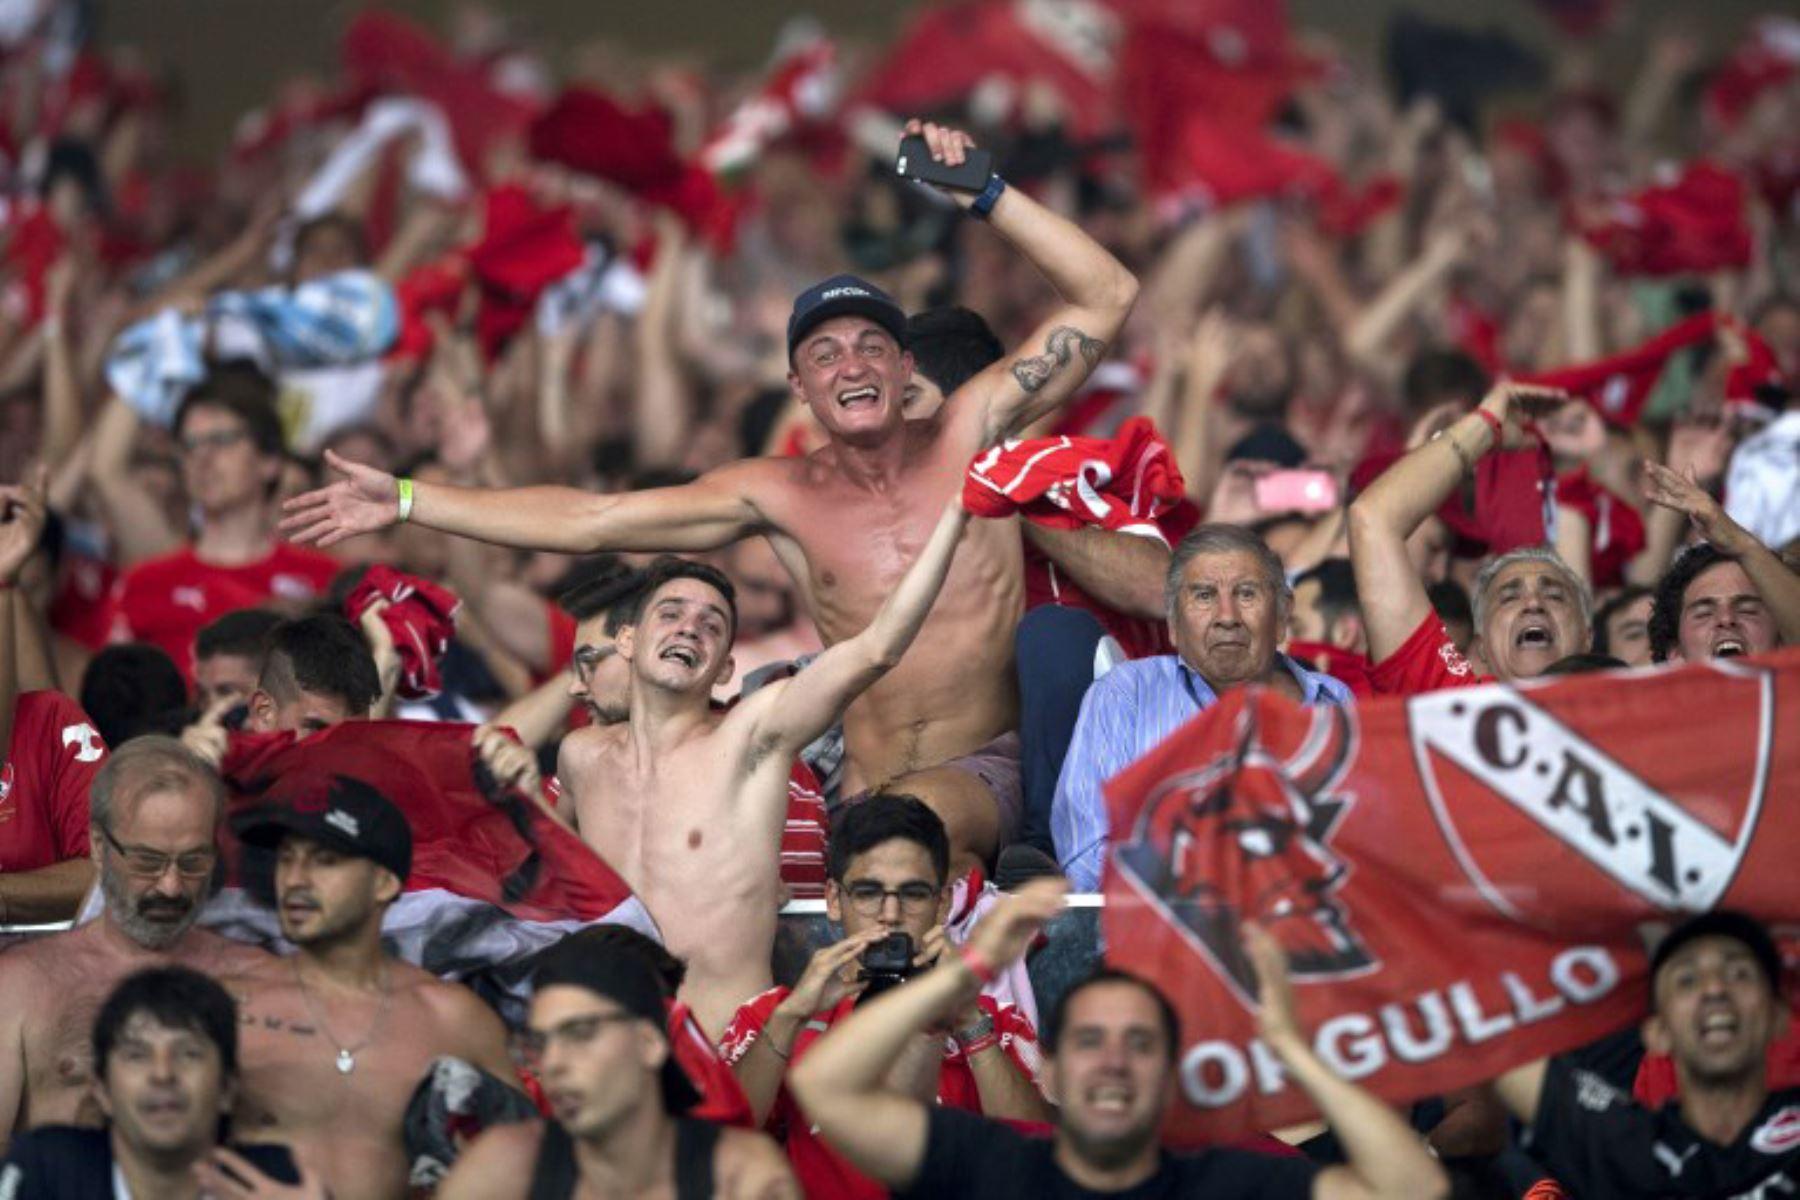 Independiente gana la final de la Copa Sudamericana 2017 contra el Flamengo de Brasil. Foto: AFP